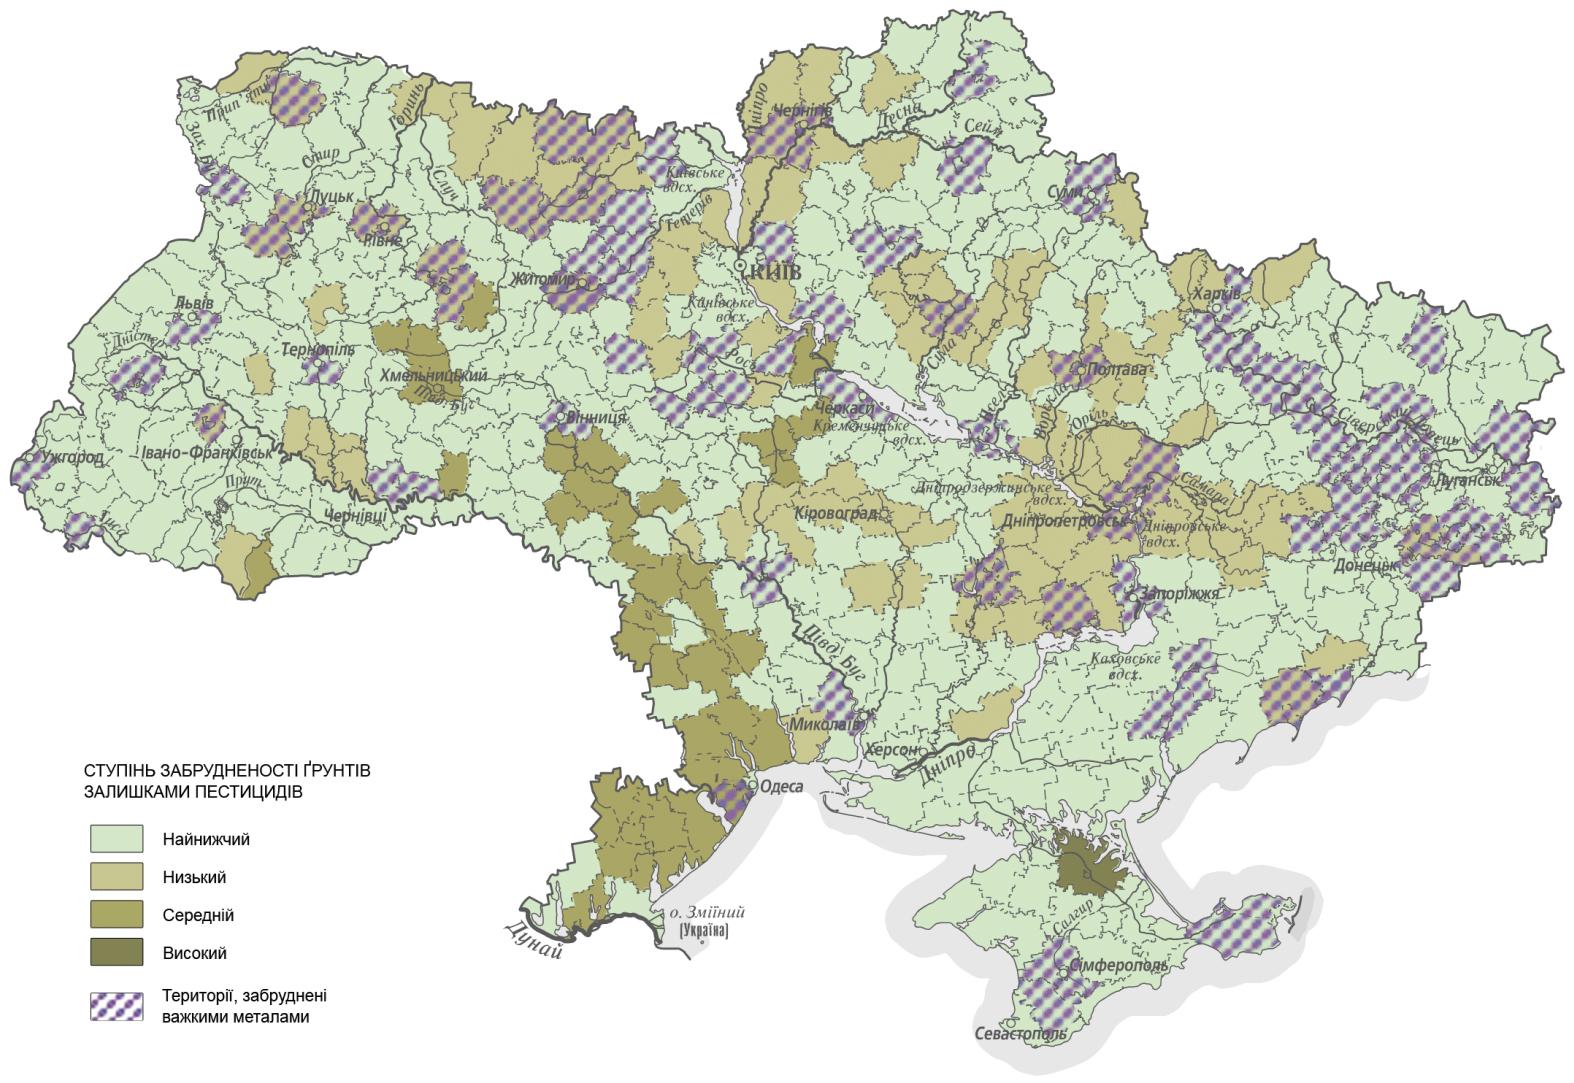 Карта загрязненности почв Украины остатками пестицидов и тяжелых металлов